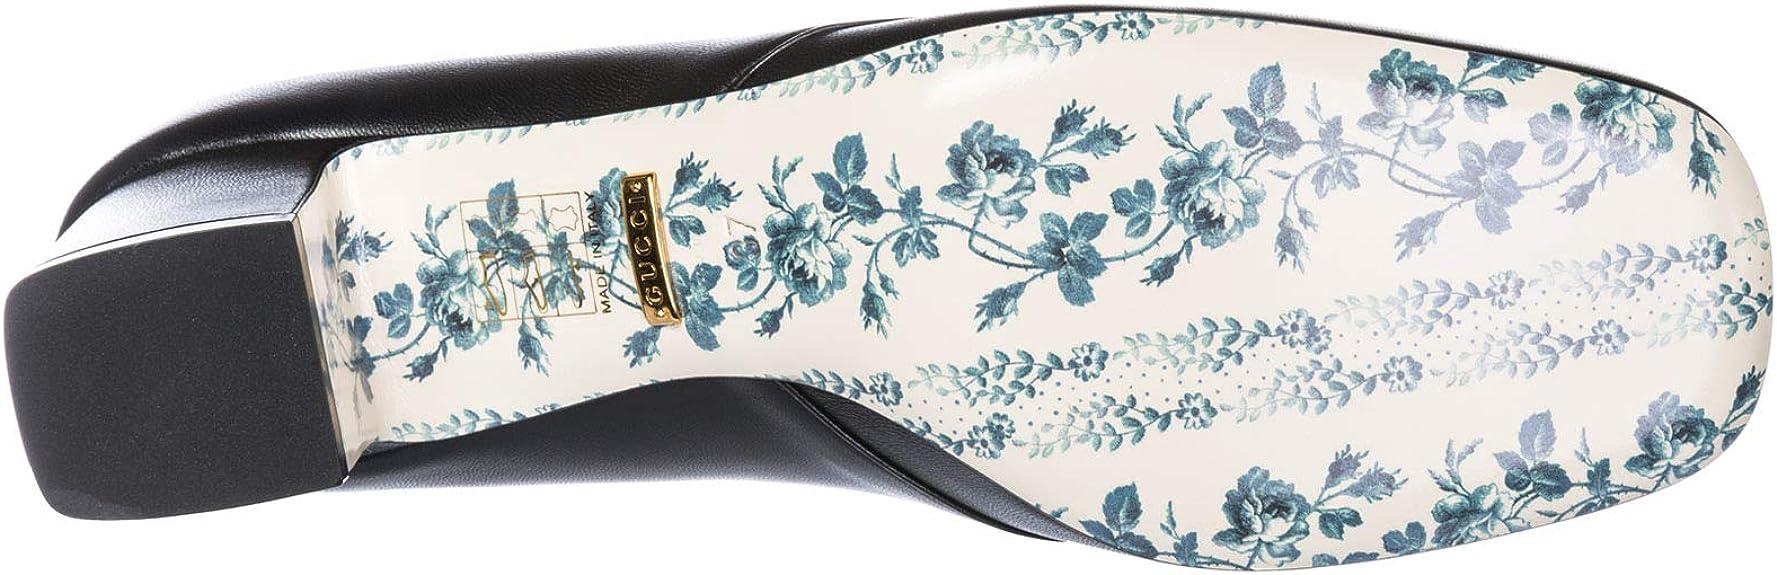 Gucci Mujer 525333 C9D00 1000 Cierre por Delante Negro Size: 39 EU: Amazon.es: Zapatos y complementos